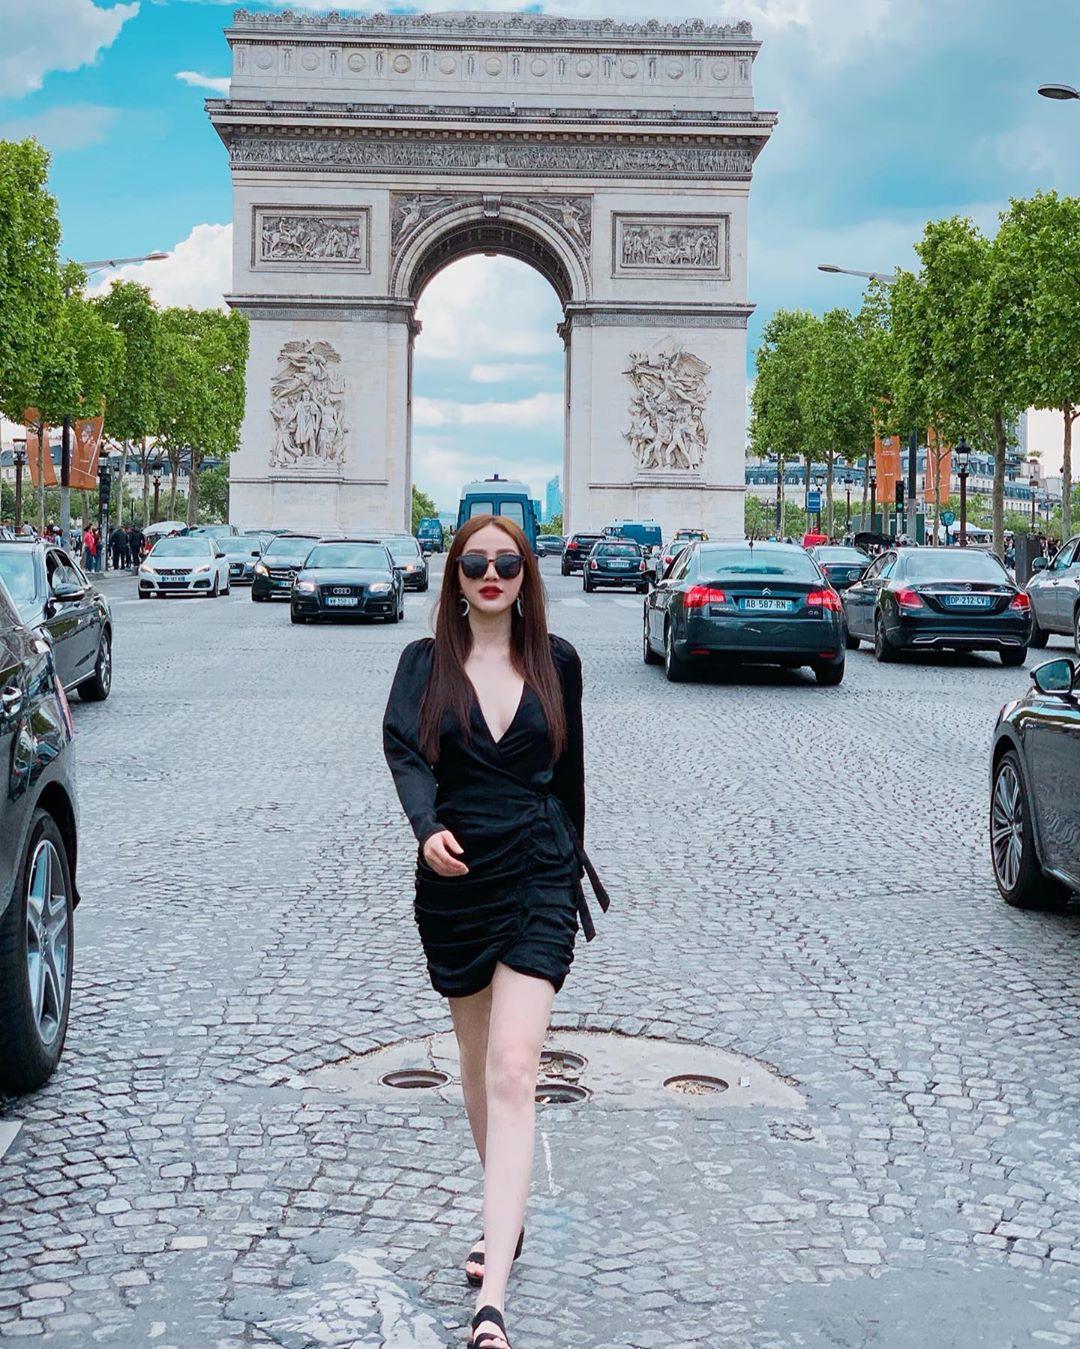 Dù nấm lùn, bạn vẫn thừa sức mặc đẹp và trông cao ráo như Bảo Thy nếu áp dụng 3 tips từ style du lịch của cô-3